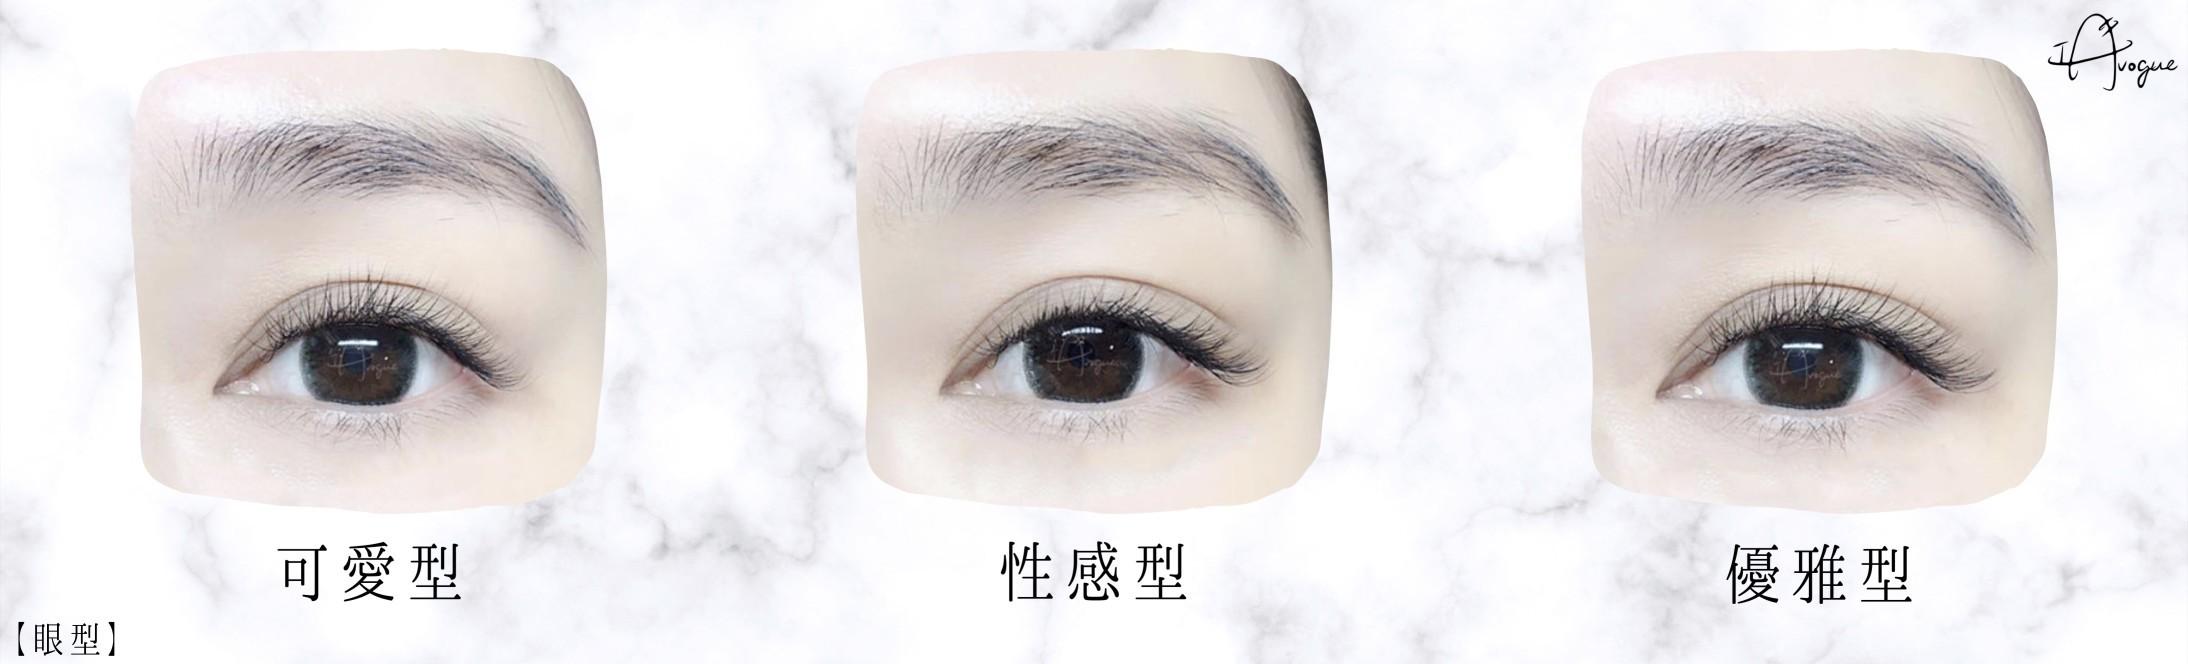 接睫毛眼型弧度挑選一覽表|台北中山區IA專業美睫設計